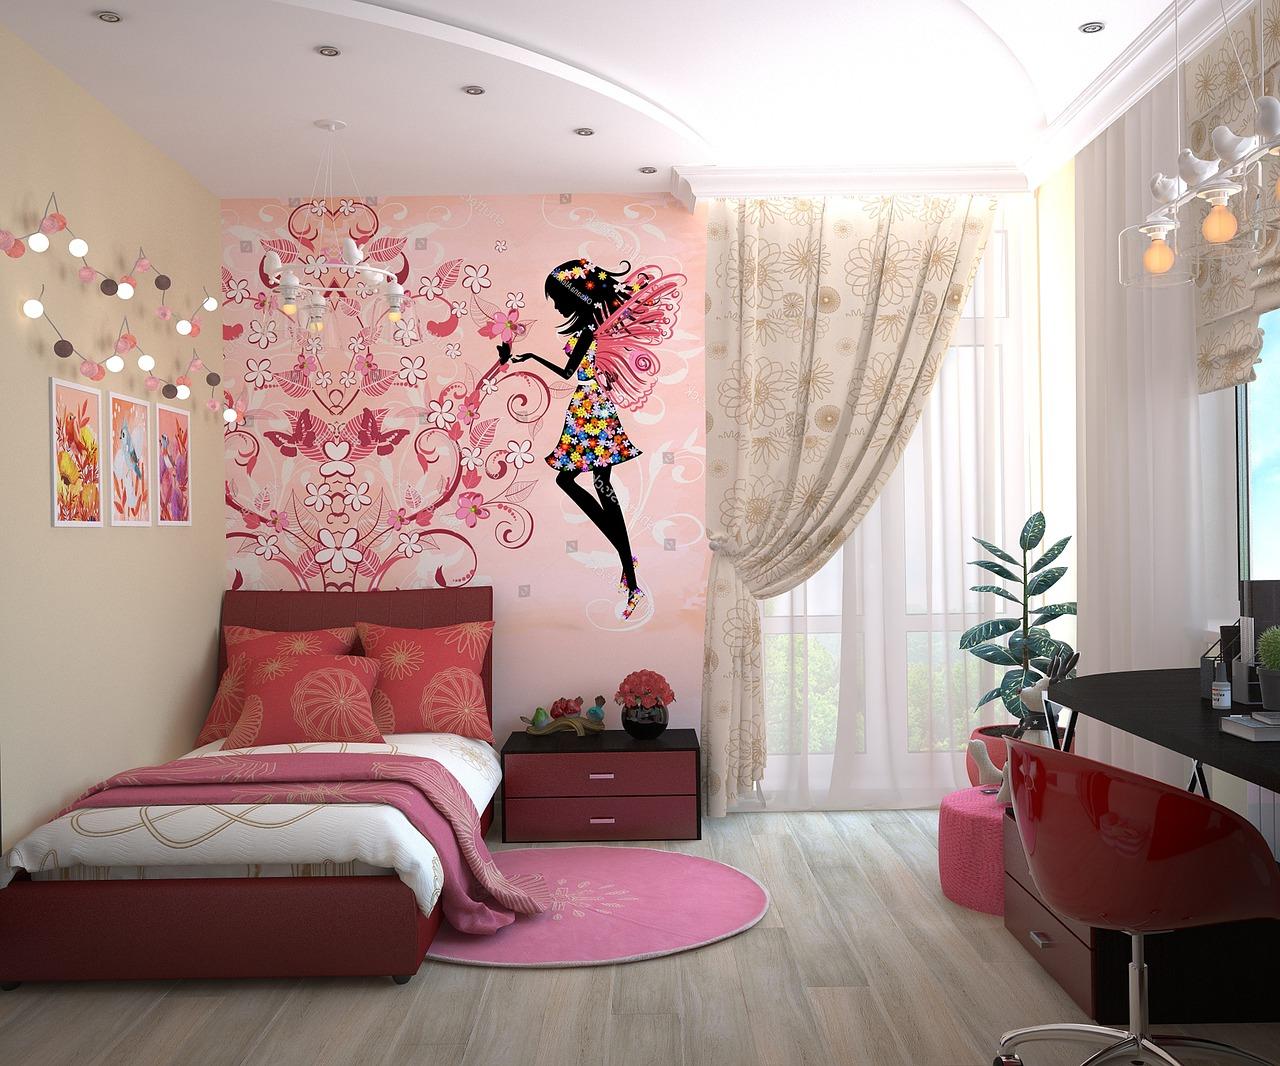 Quelle matière utiliser pour la décoration de la chambre de votre fille ?